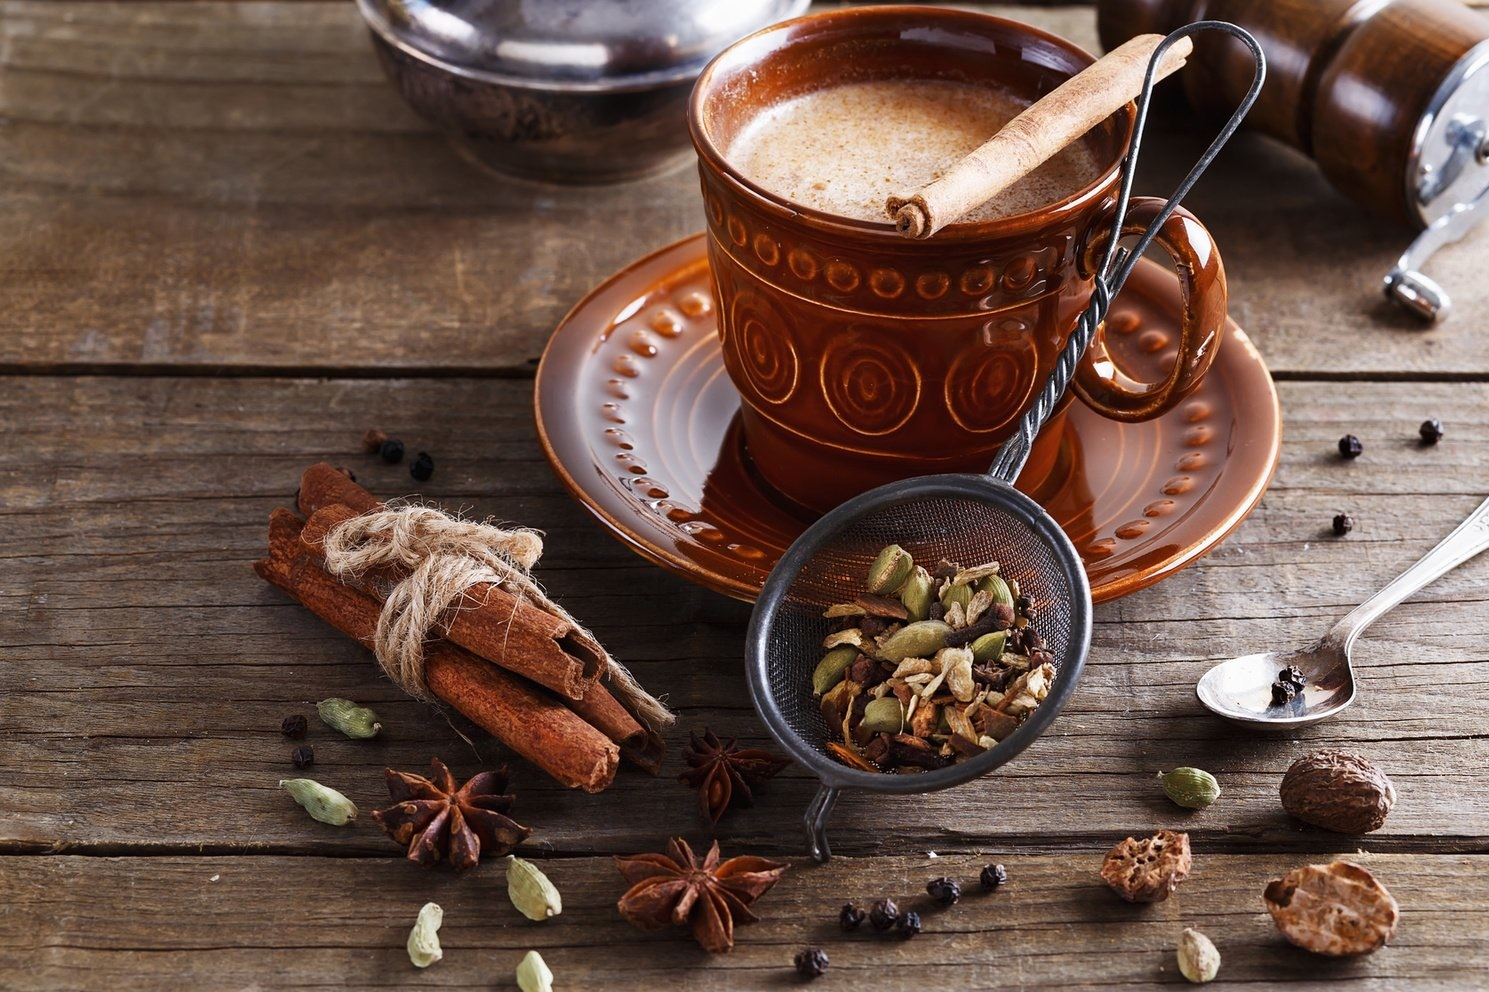 Кофе с куркумой - что такое, какой вкус, рецепты, польза и вред